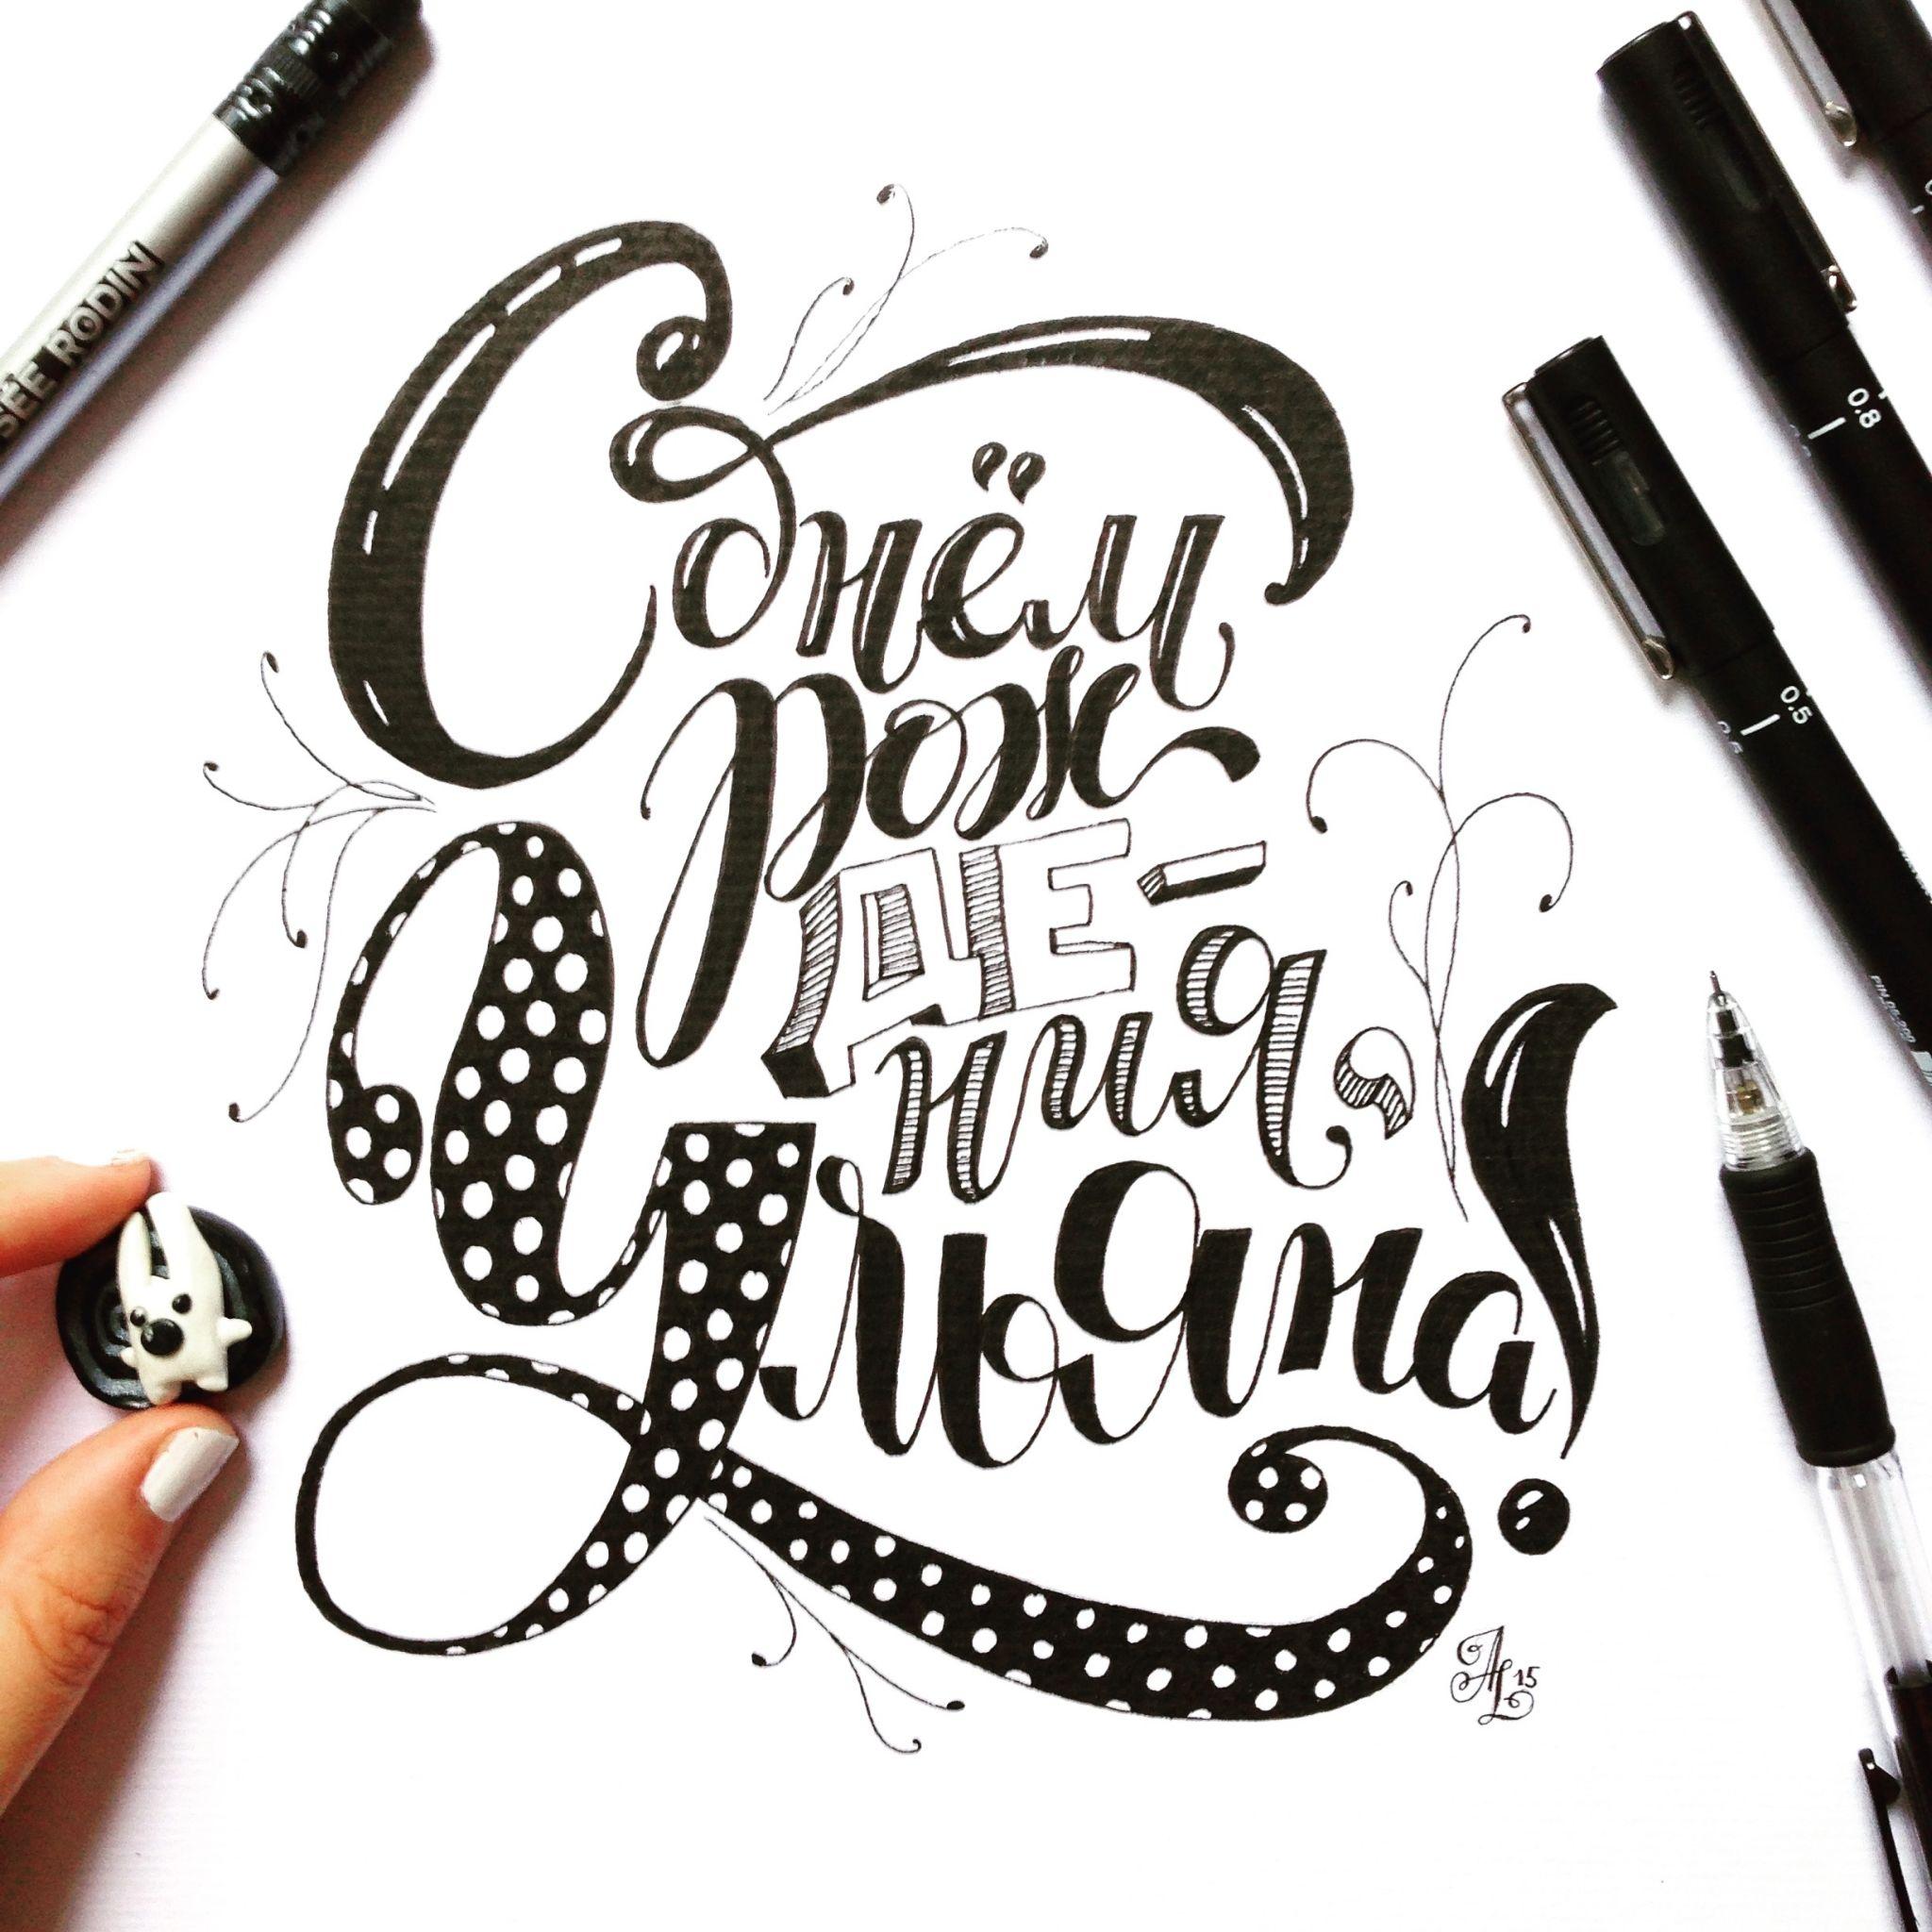 Каллиграфия для начинающих: уроки по прописям, зачем и как научиться писать красиво